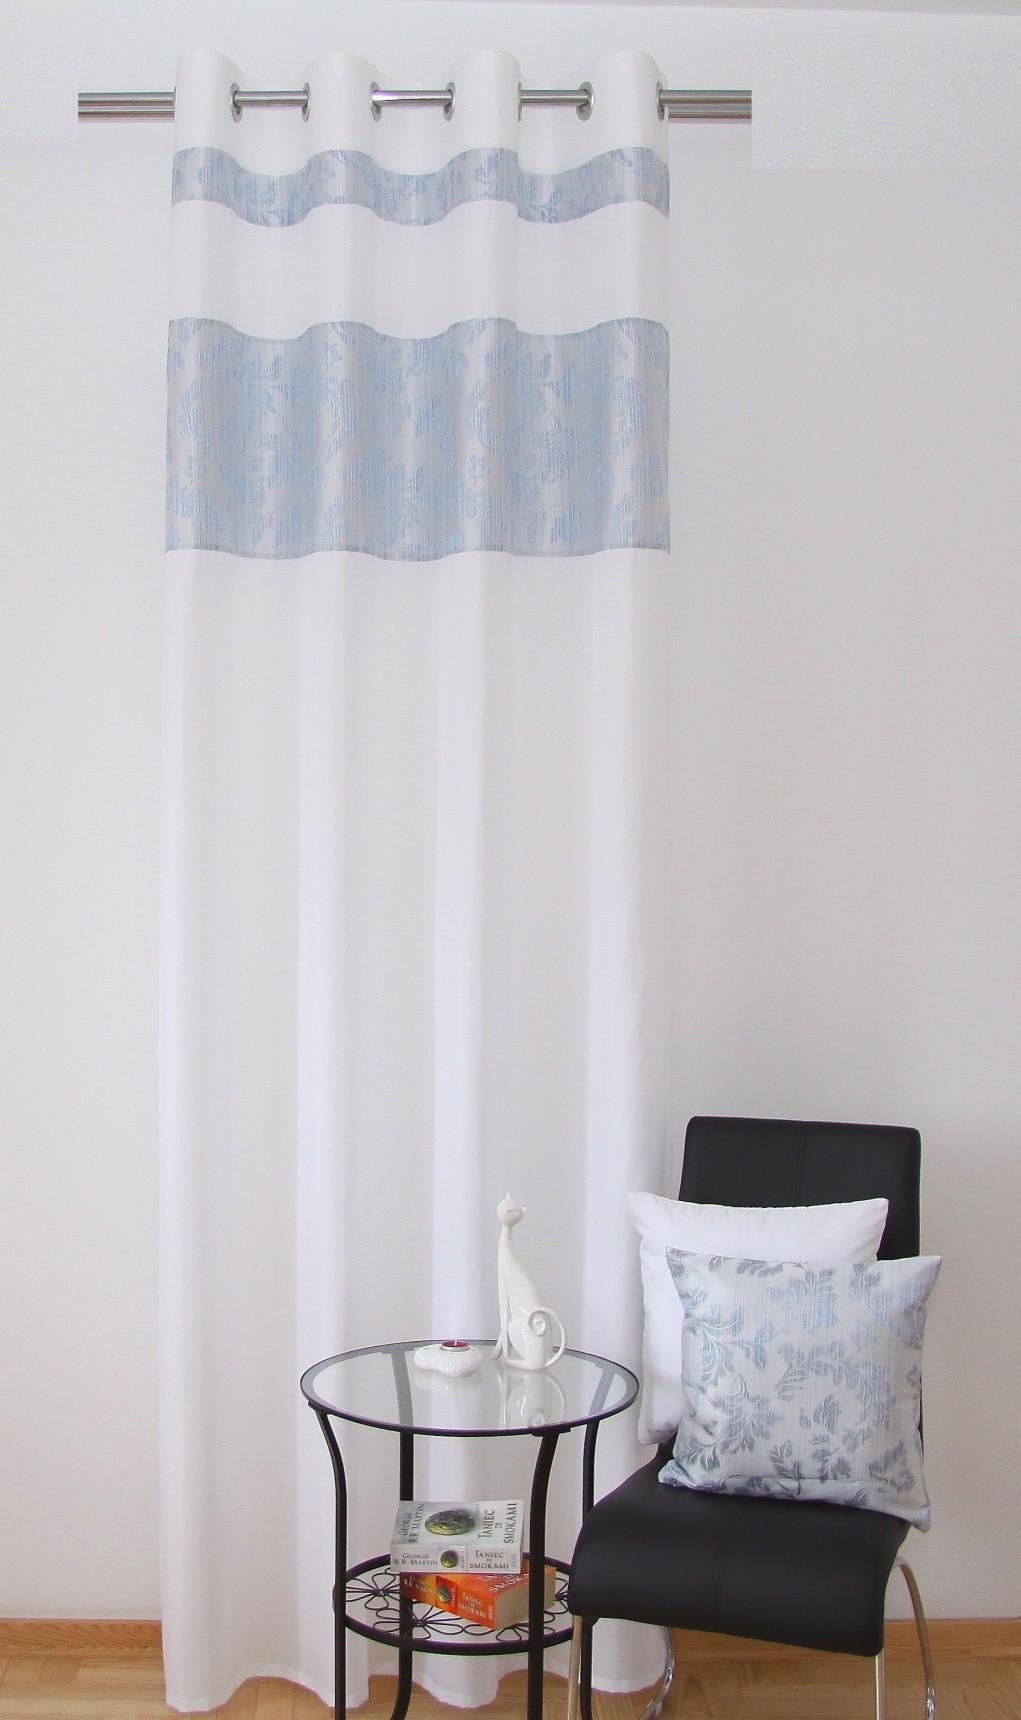 Hotové závěsy do oken bílé barvy s ornamentem